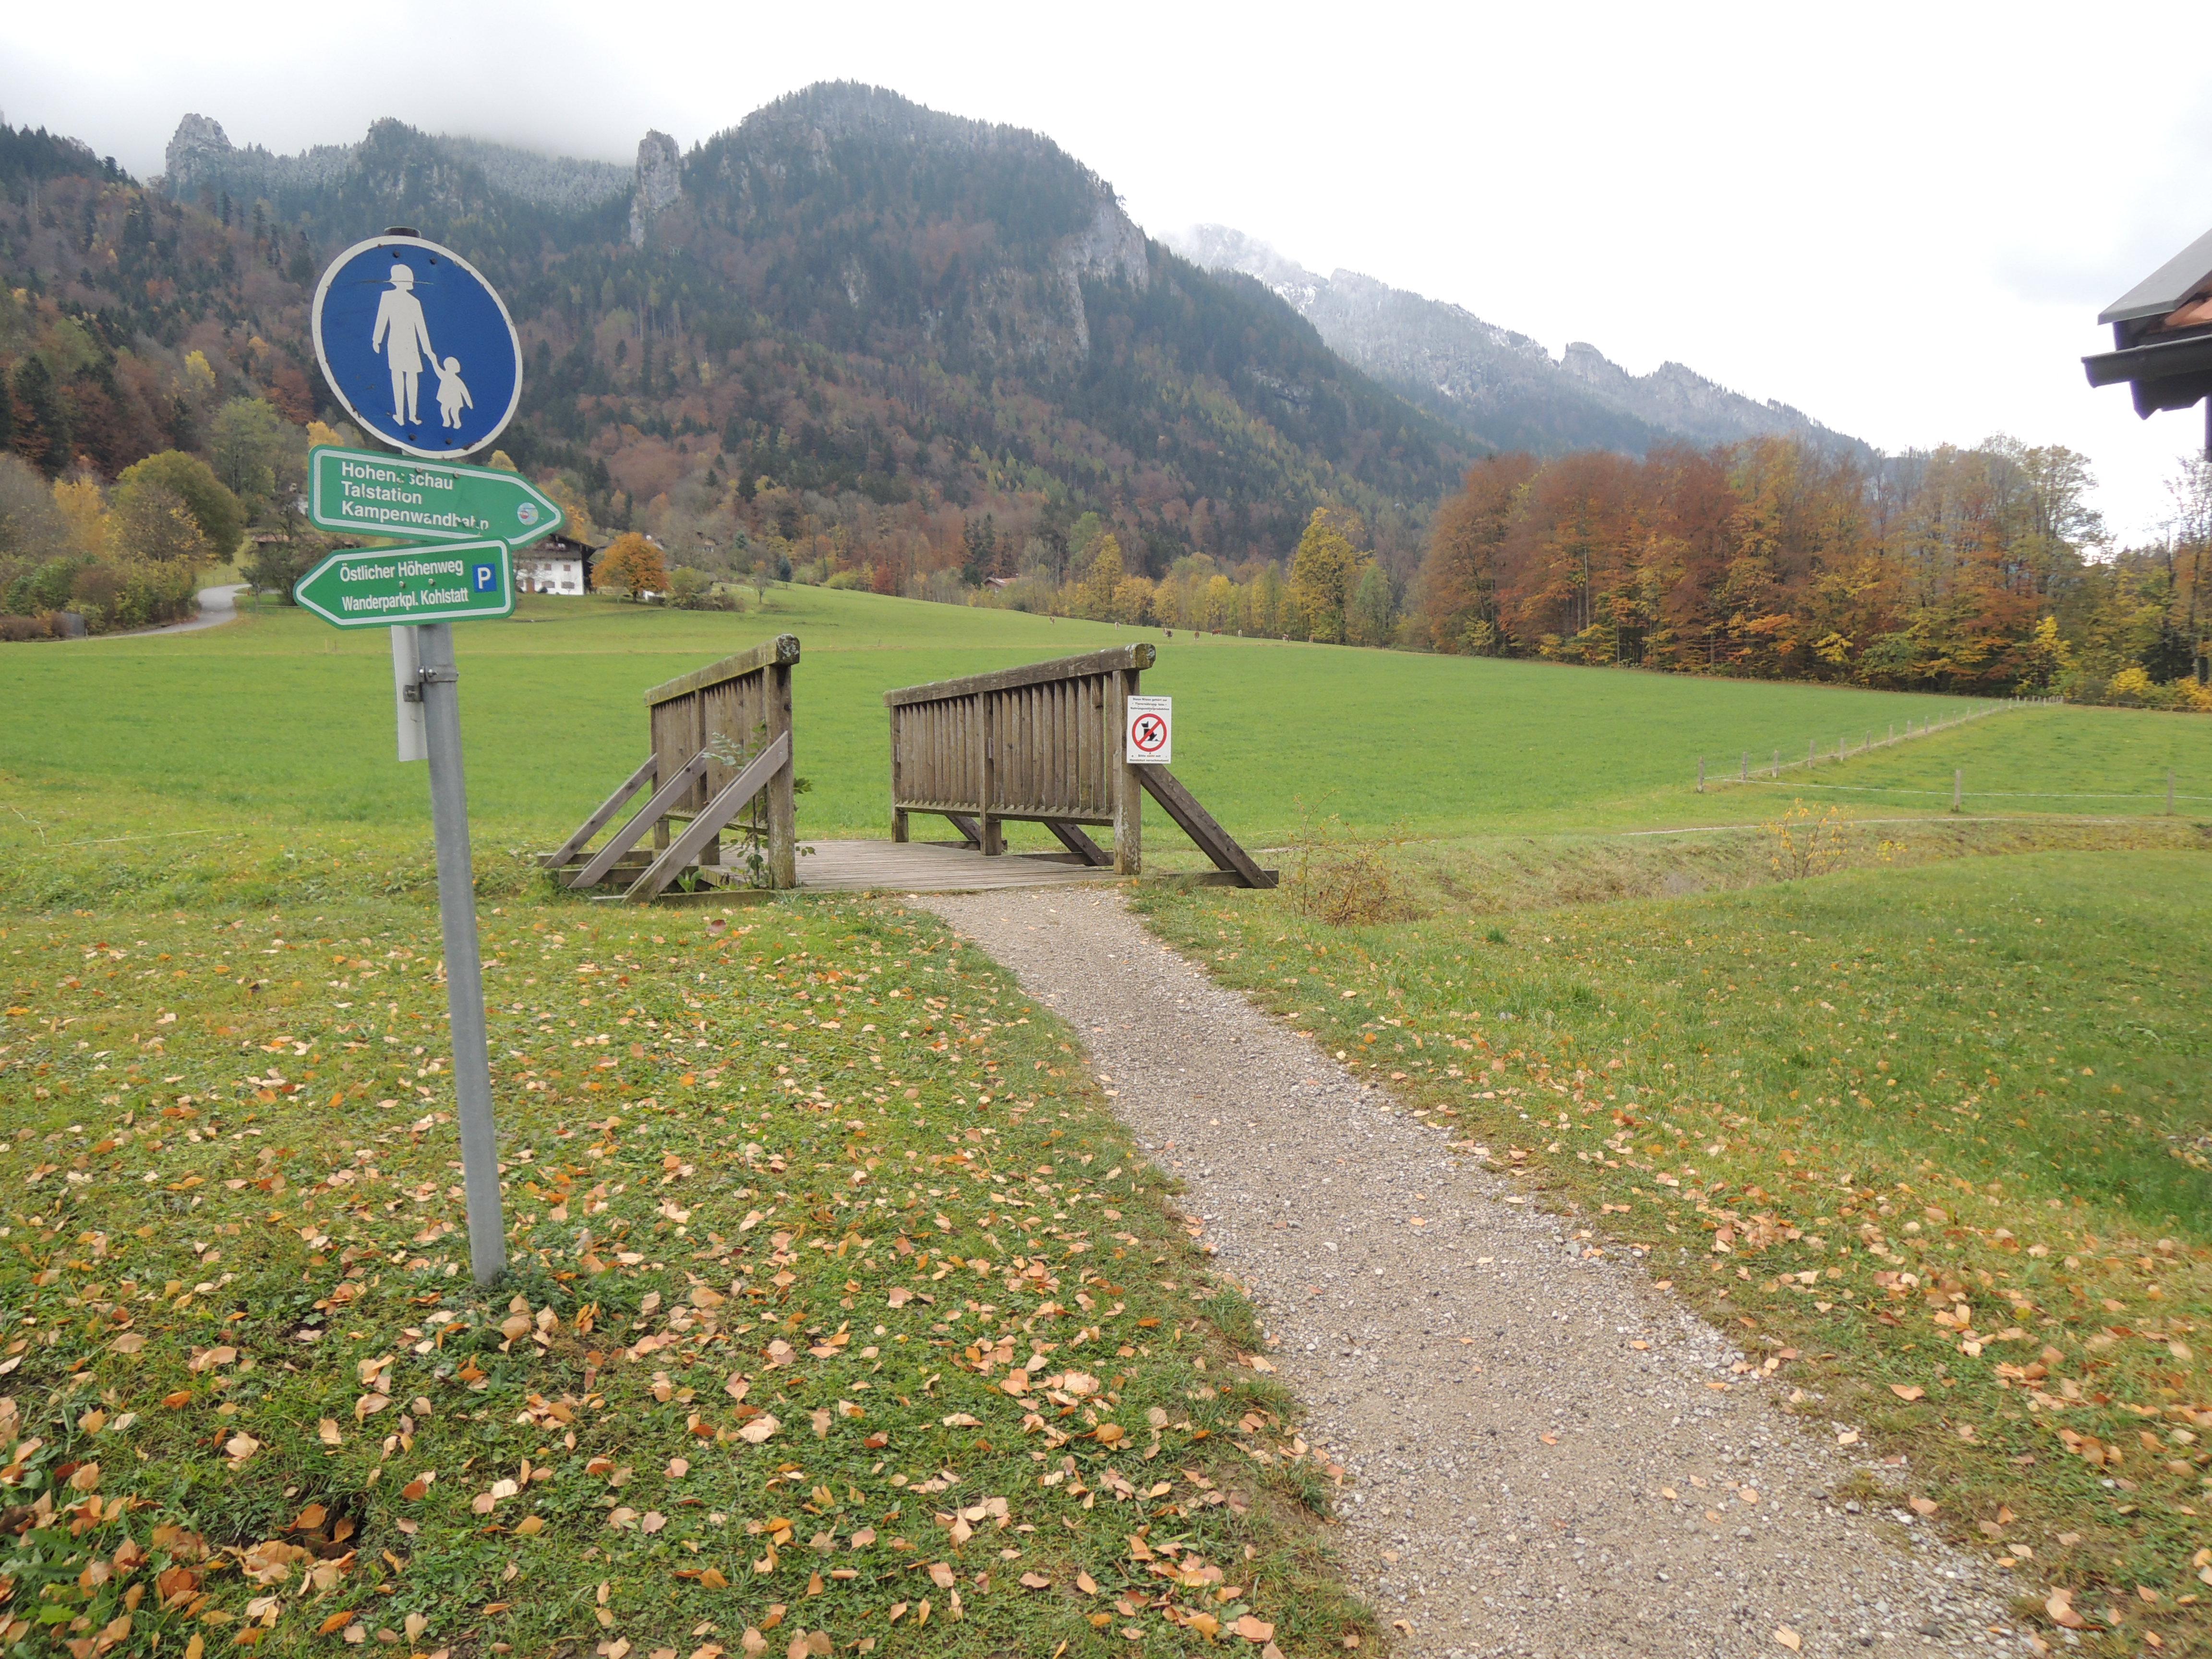 Brücke hinter einer Hofstelle mit Wegweiser zur Kampenwandseilbahn